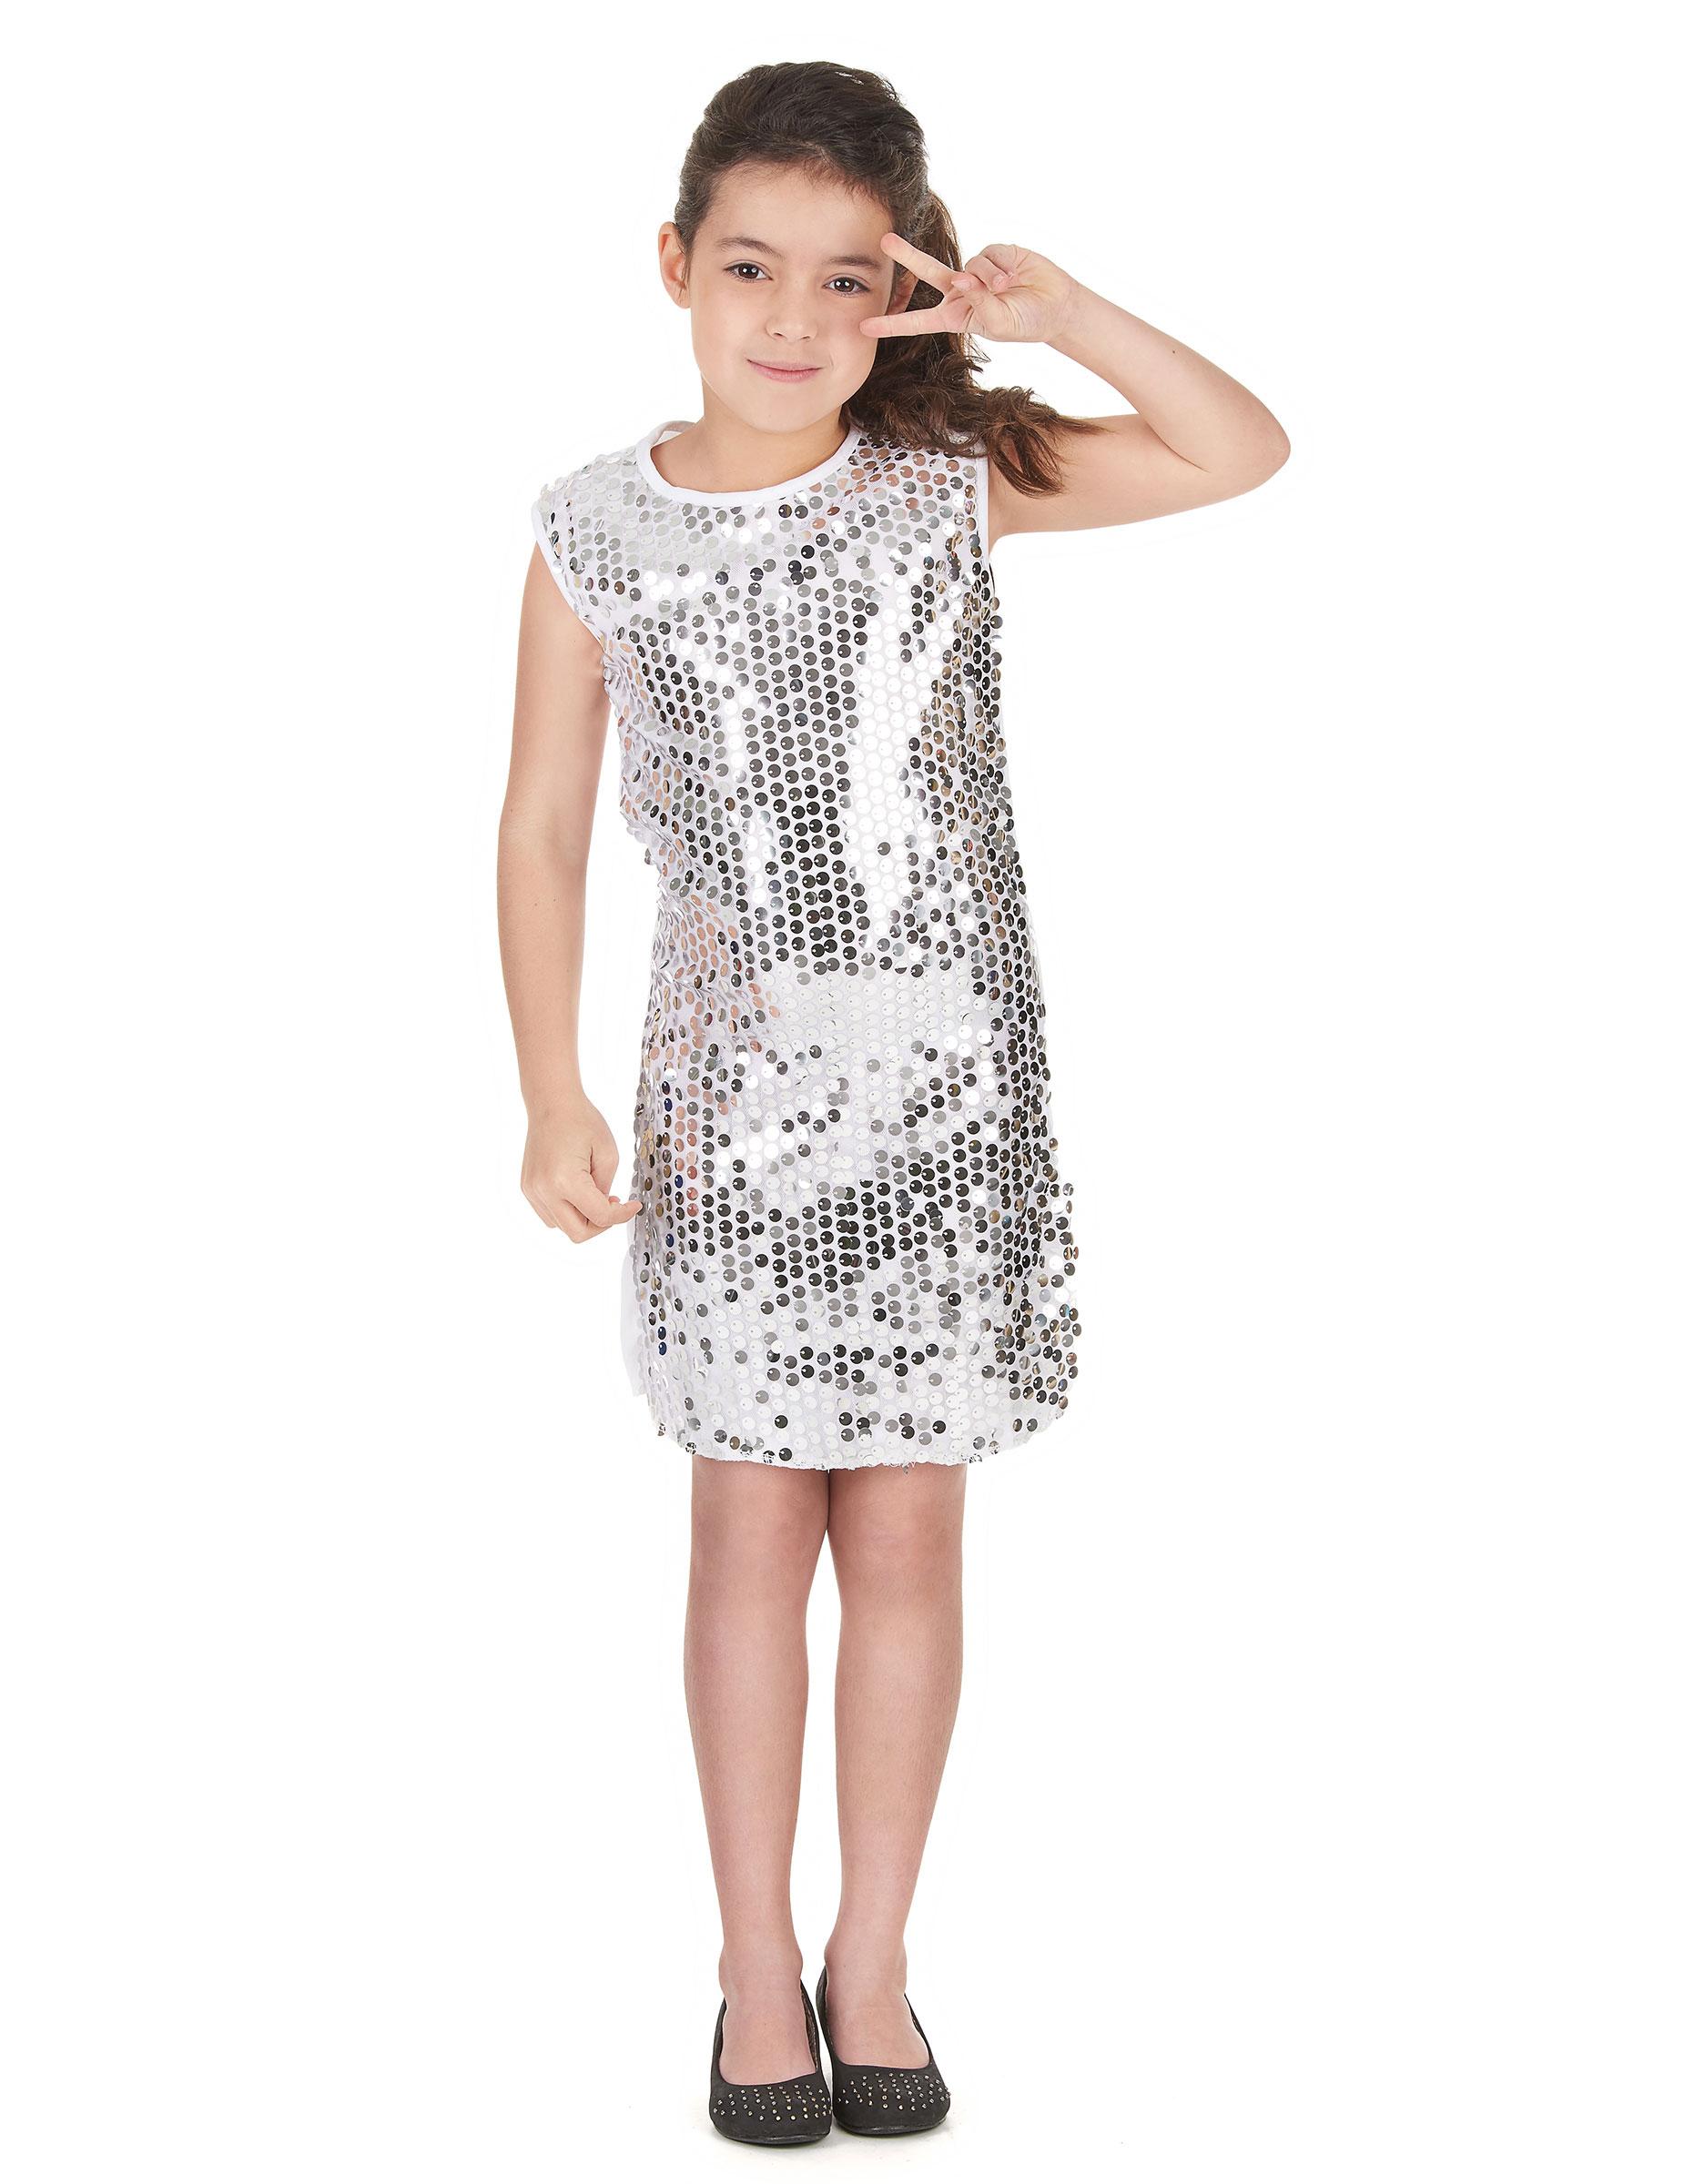 752472797b7a5d Verkleedkostuum voor meisjes Disco zilverkleurig Carnvaloutfit